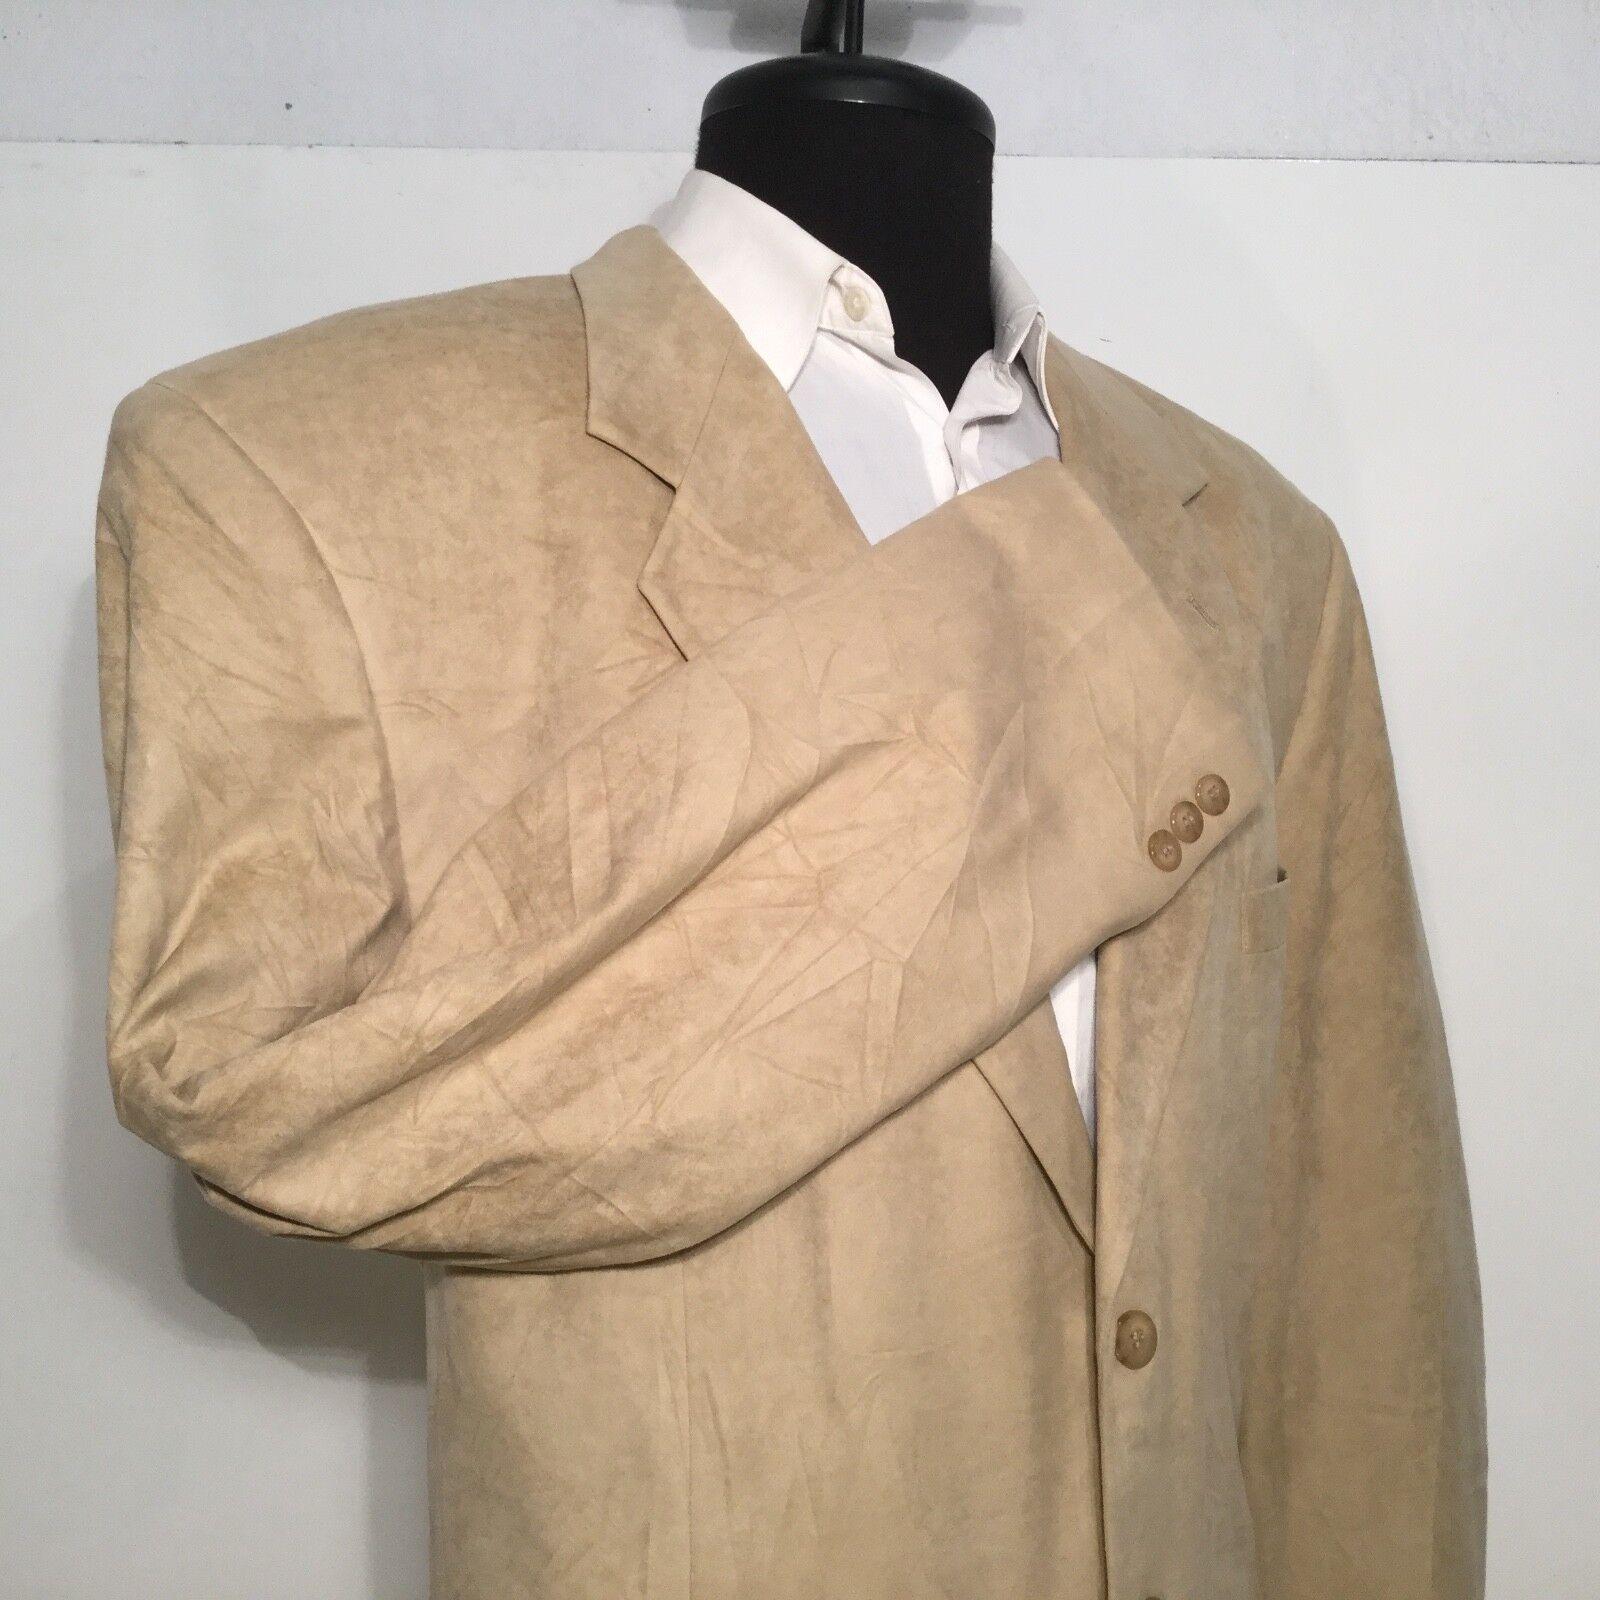 Bert Pulitzer Collectors Edition Mens Sport Coat Blazer Suede 46L 3-button 0349